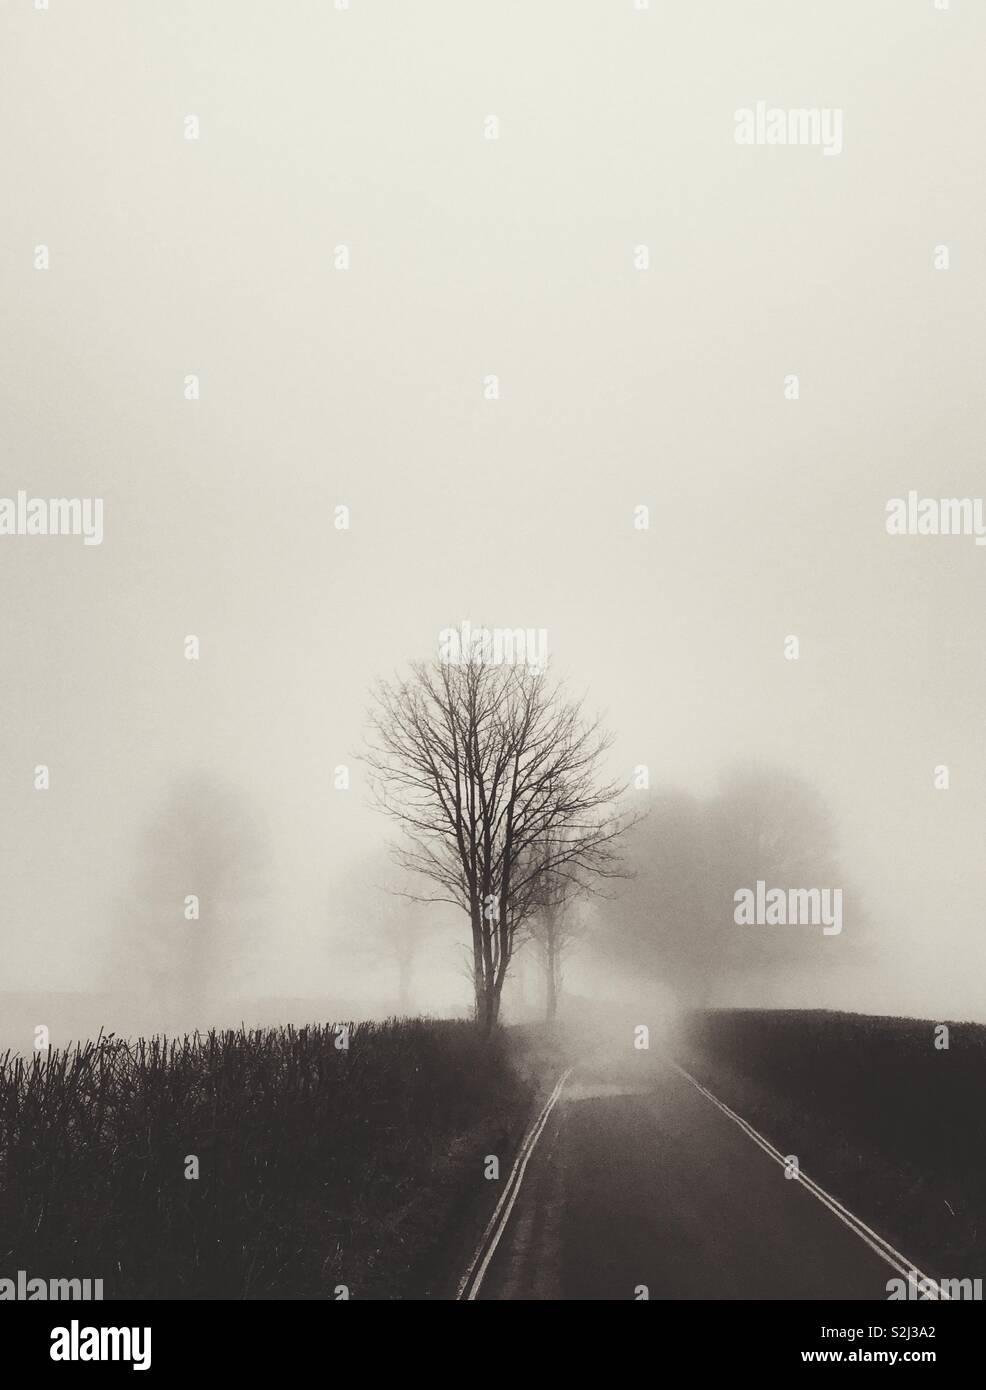 Un carril de niebla con árboles Imagen De Stock